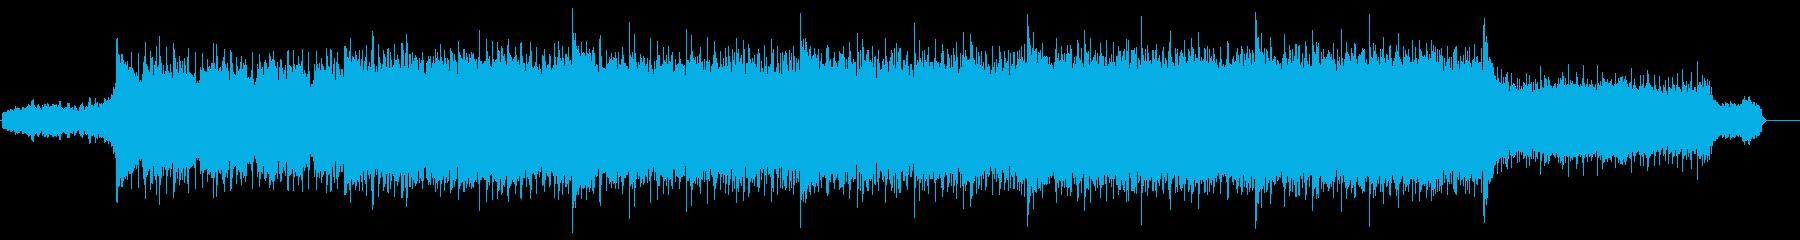 壮大シネマティックBGM 戦闘ゲームCMの再生済みの波形